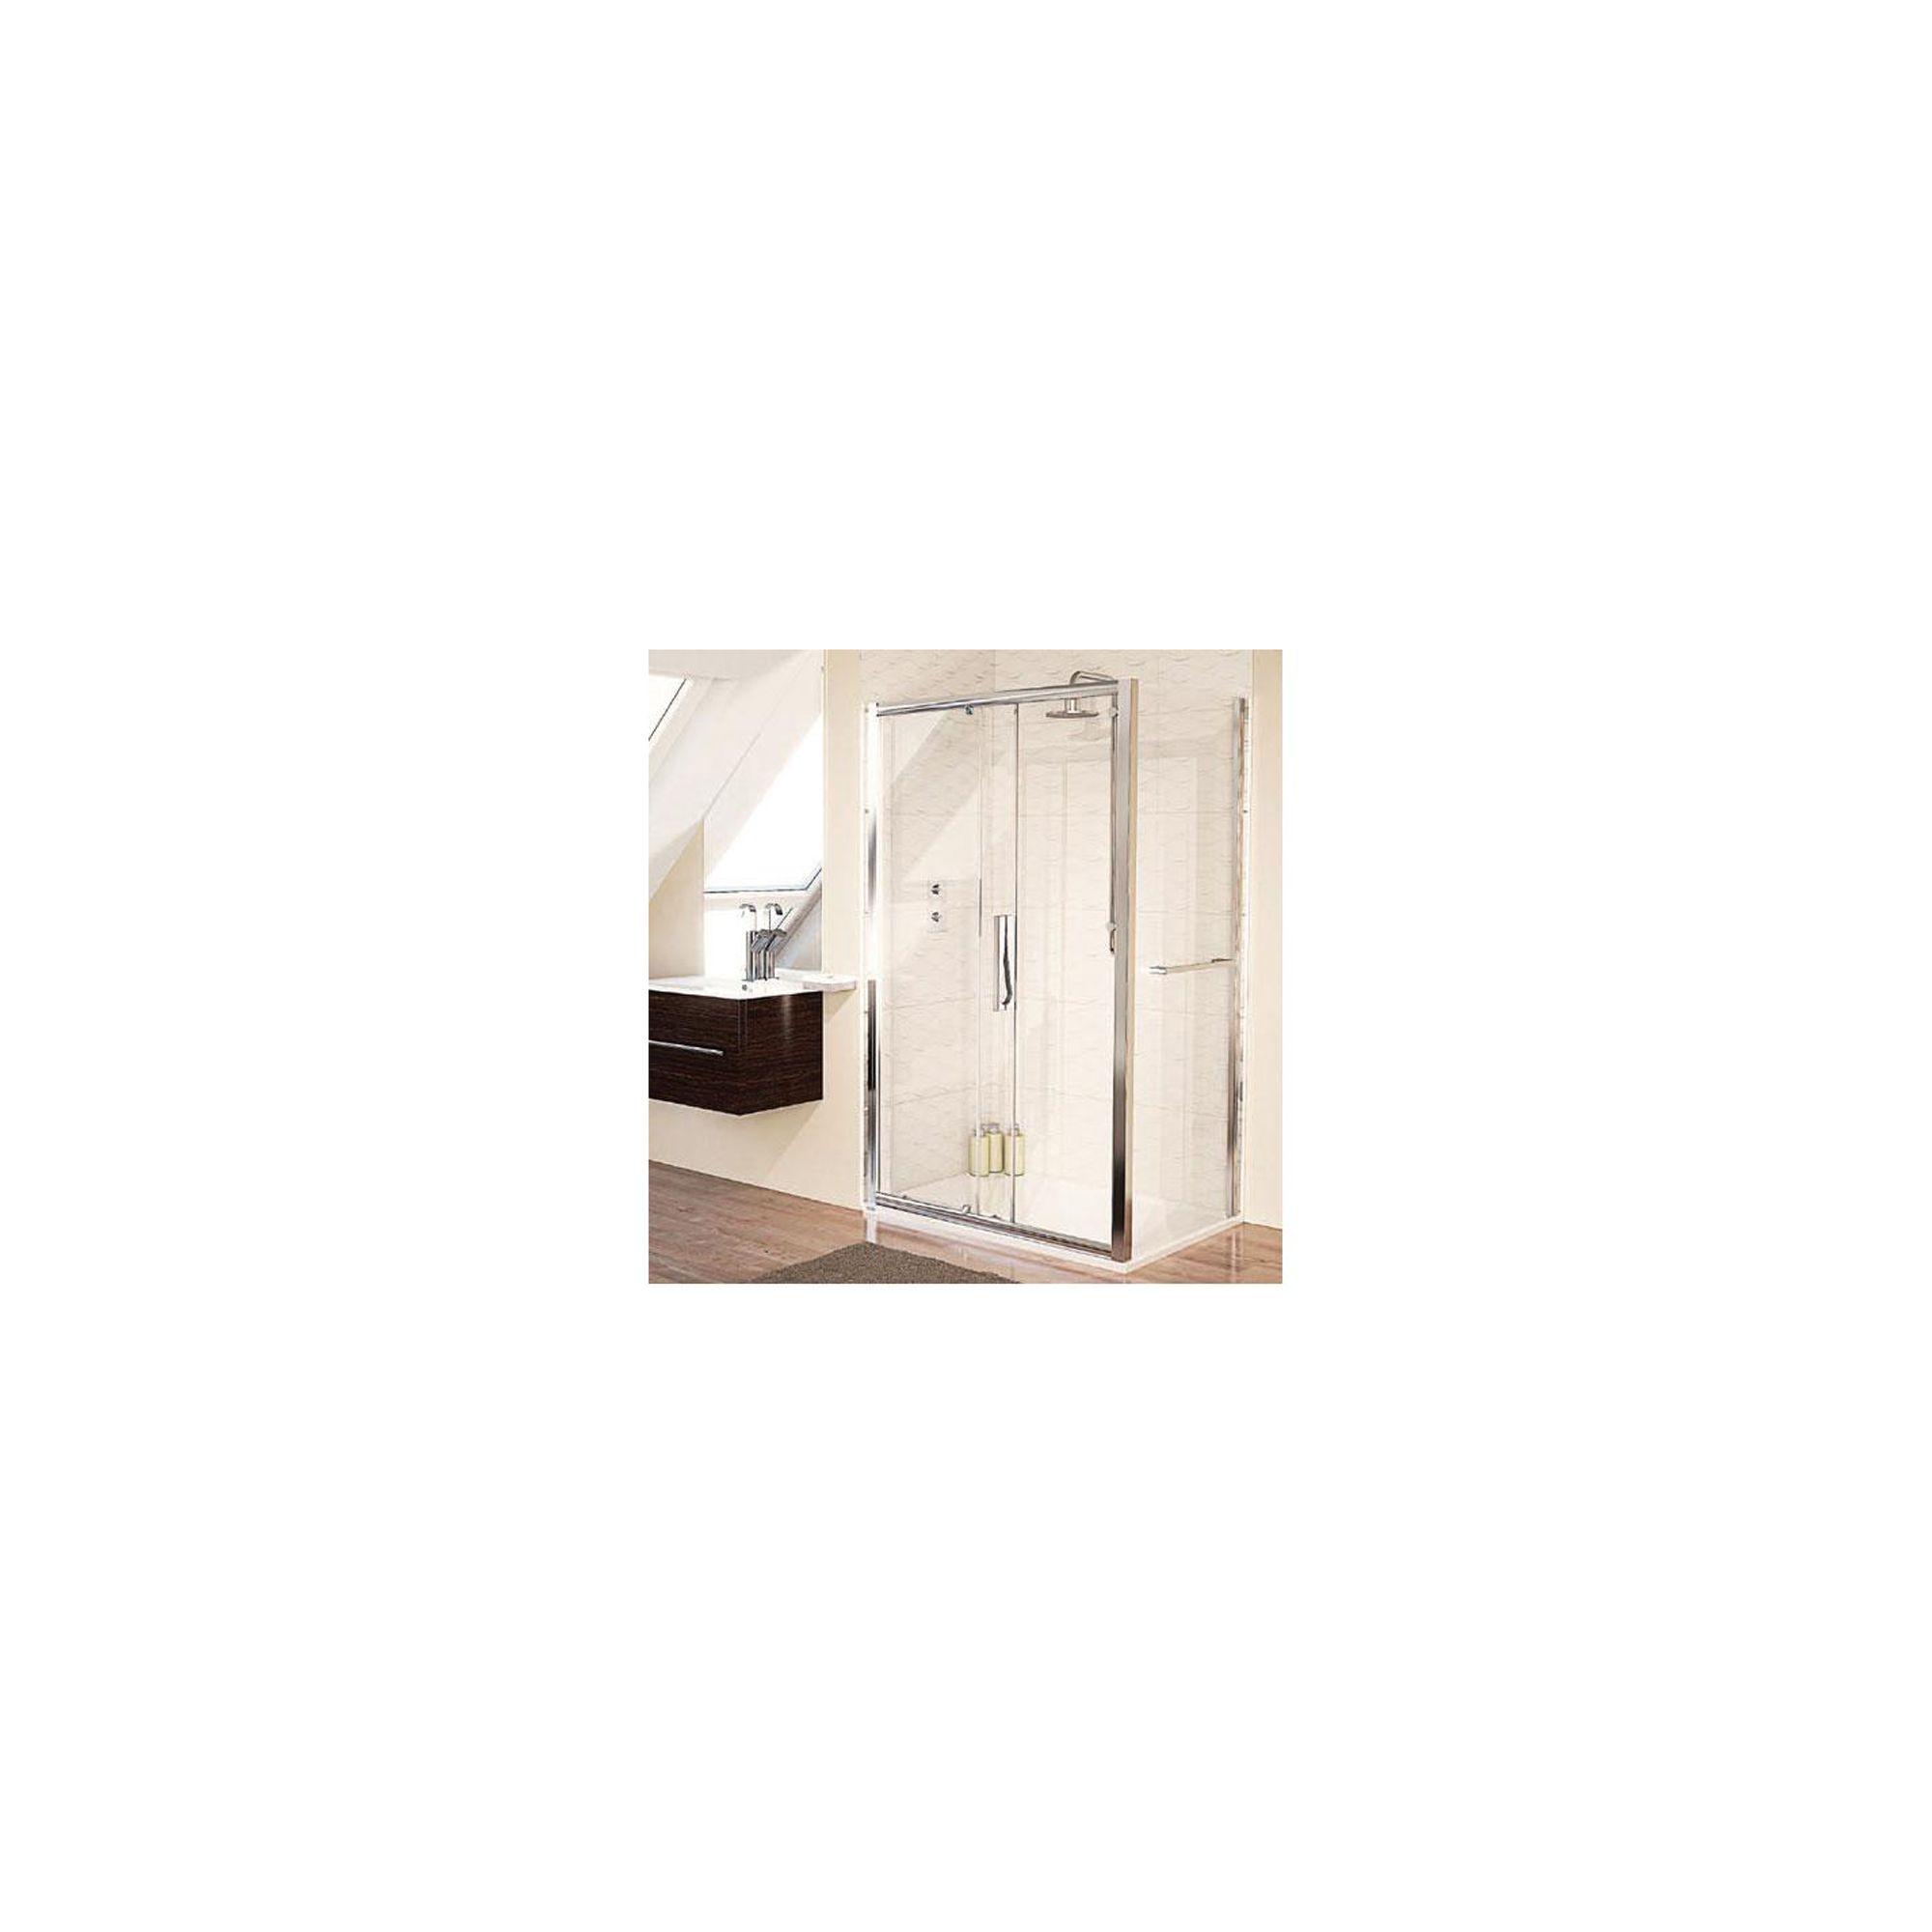 Aqualux AQUA8 Glide Sliding Shower Door, 1200mm Wide, Polished Silver Frame, 8mm Glass at Tesco Direct